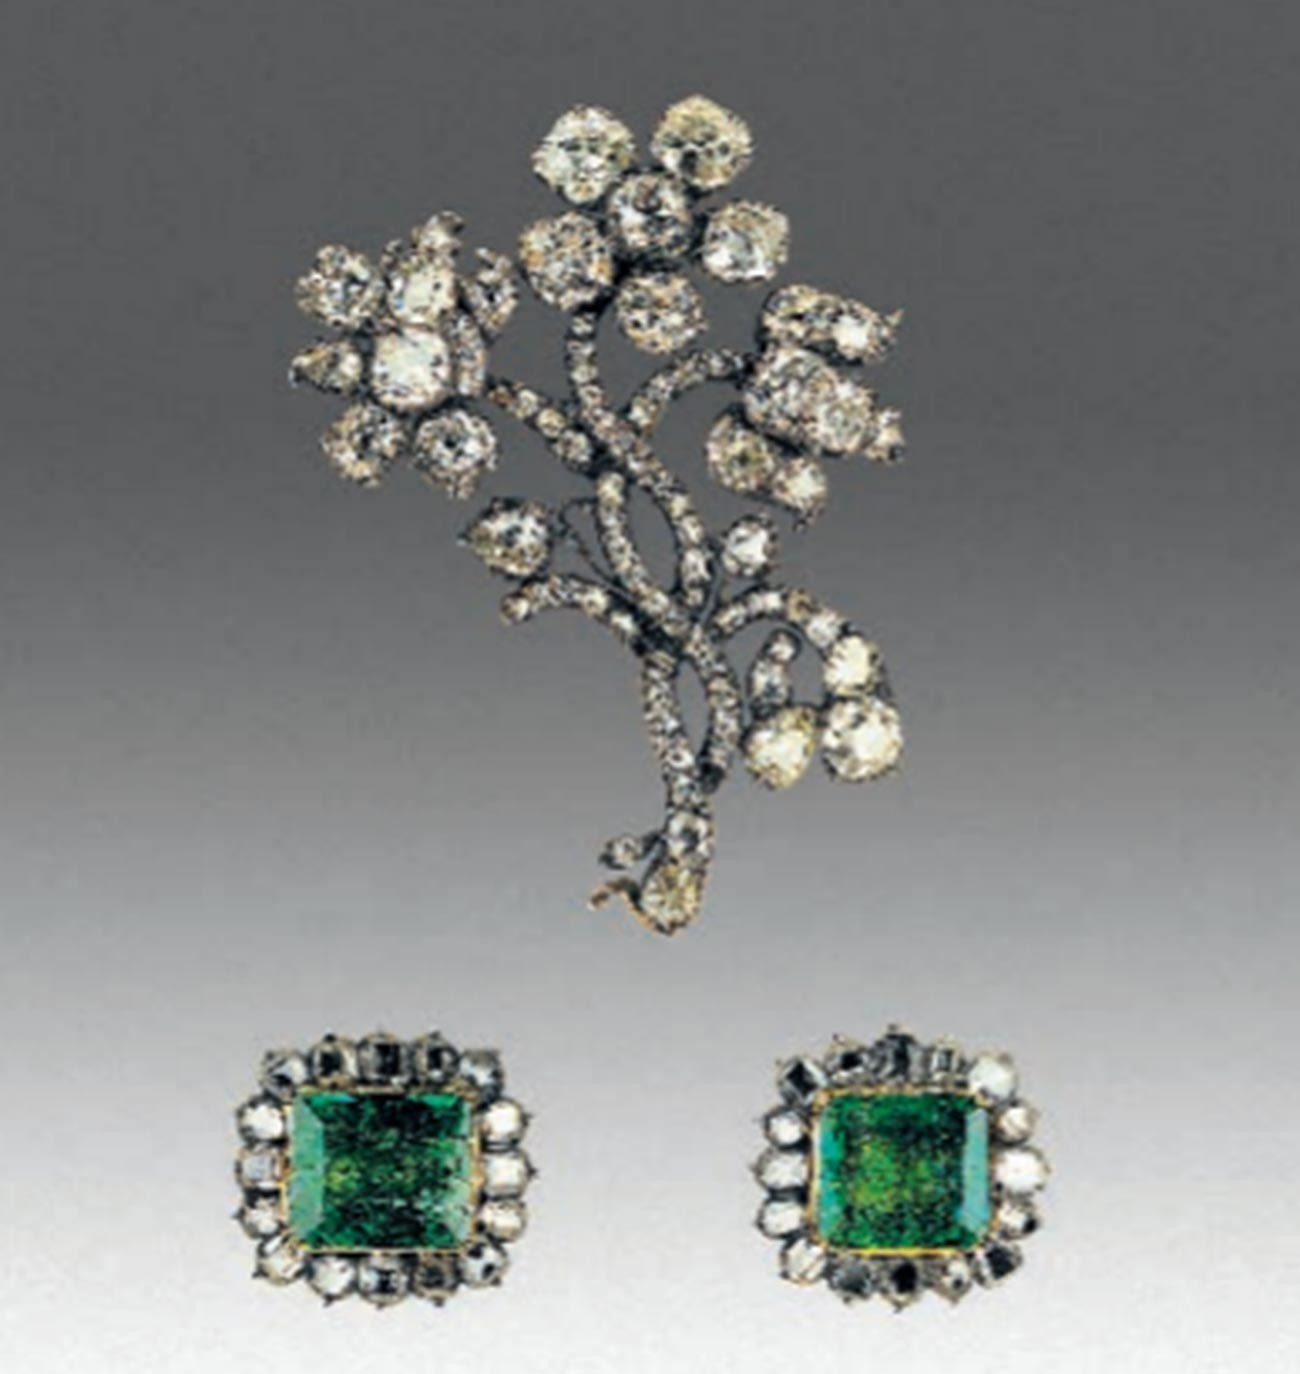 Jewel pins